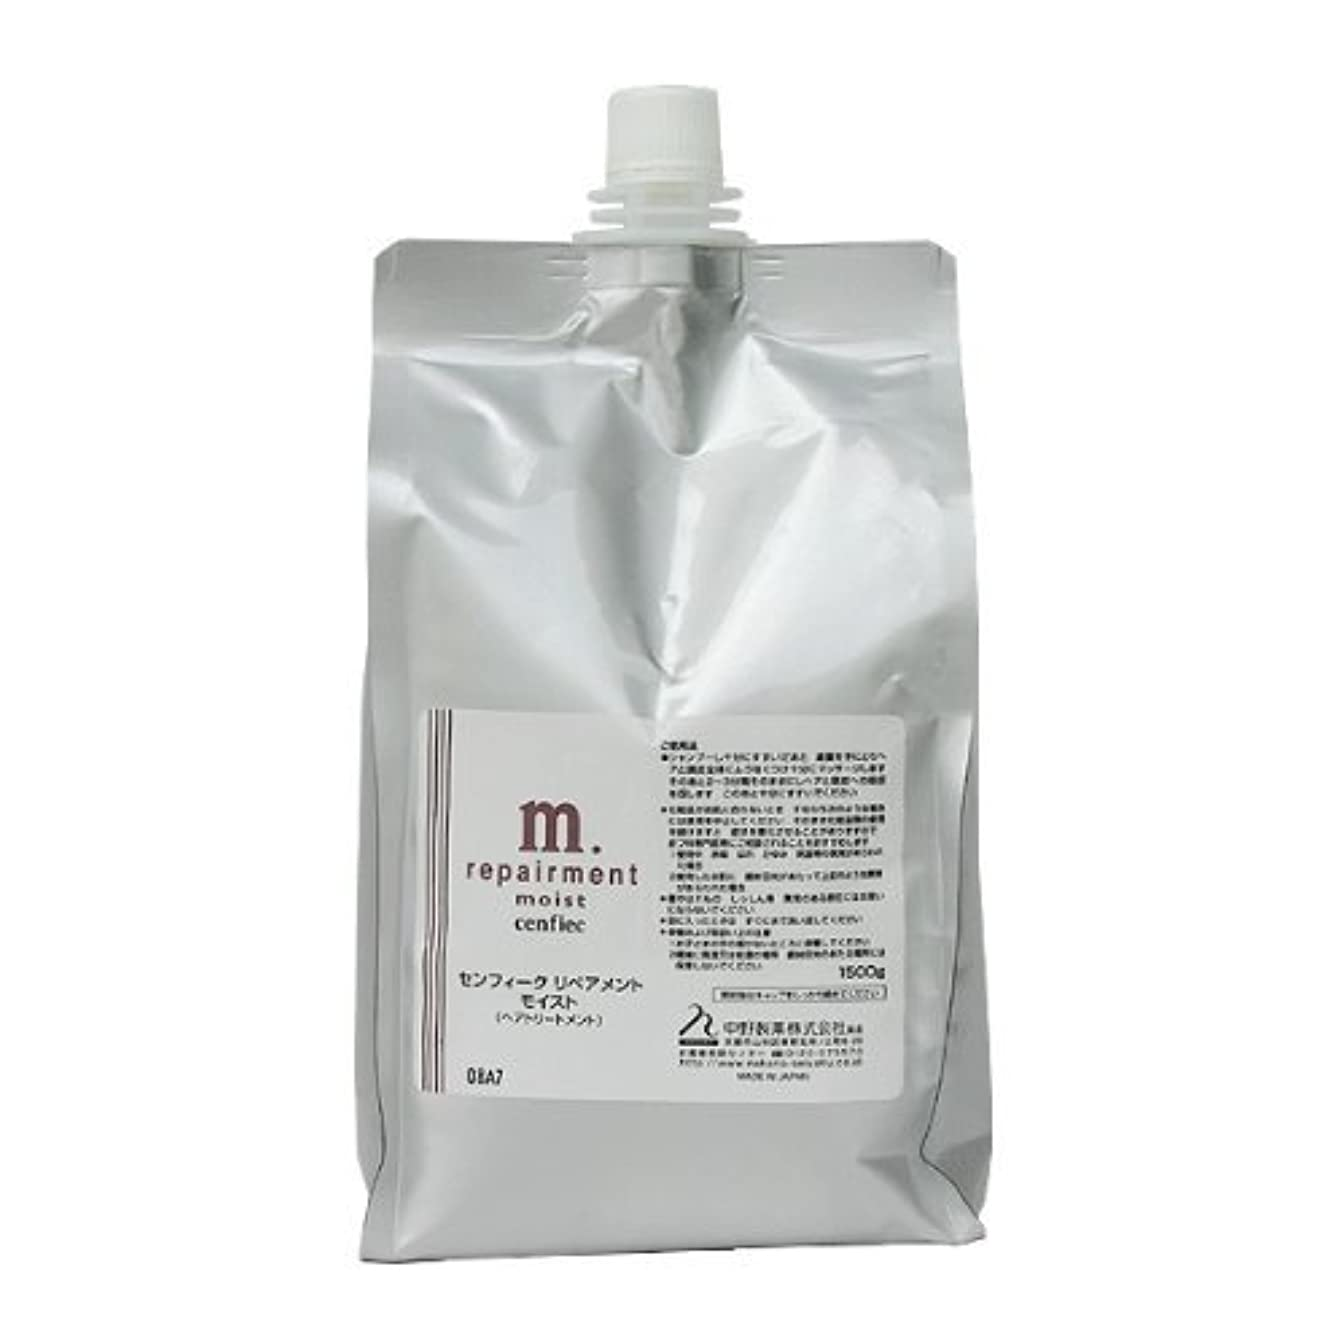 革命的リア王断線中野製薬 センフィーク リペアメント モイスト レフィル 容量1500g